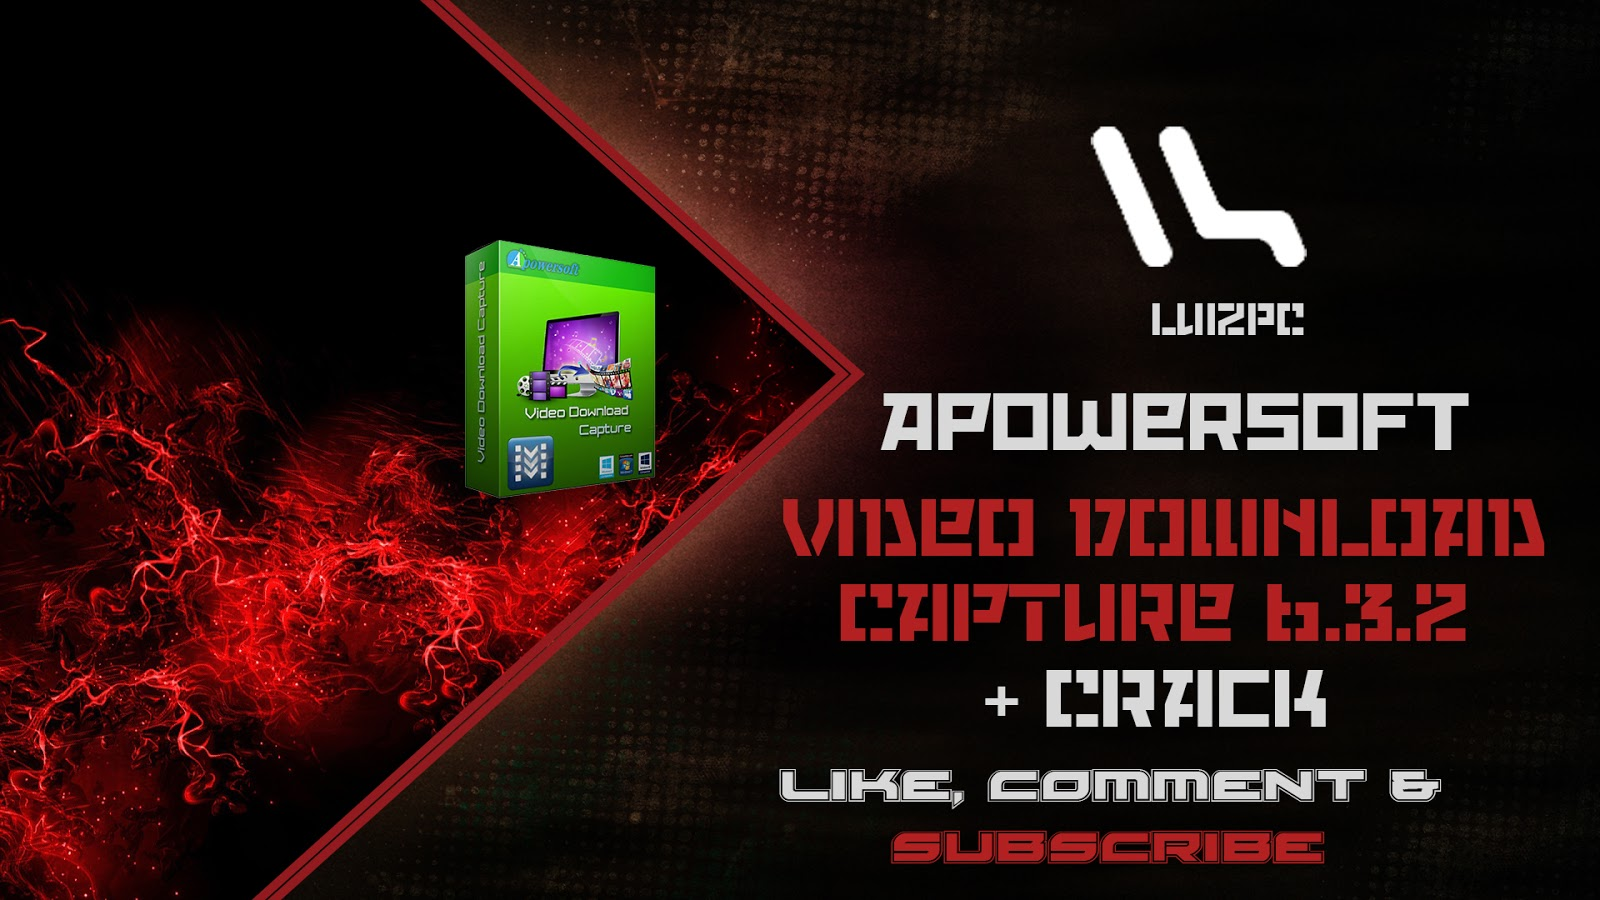 Vsdc free video editor 5 8 2 796 crack | VSDC Video Editor